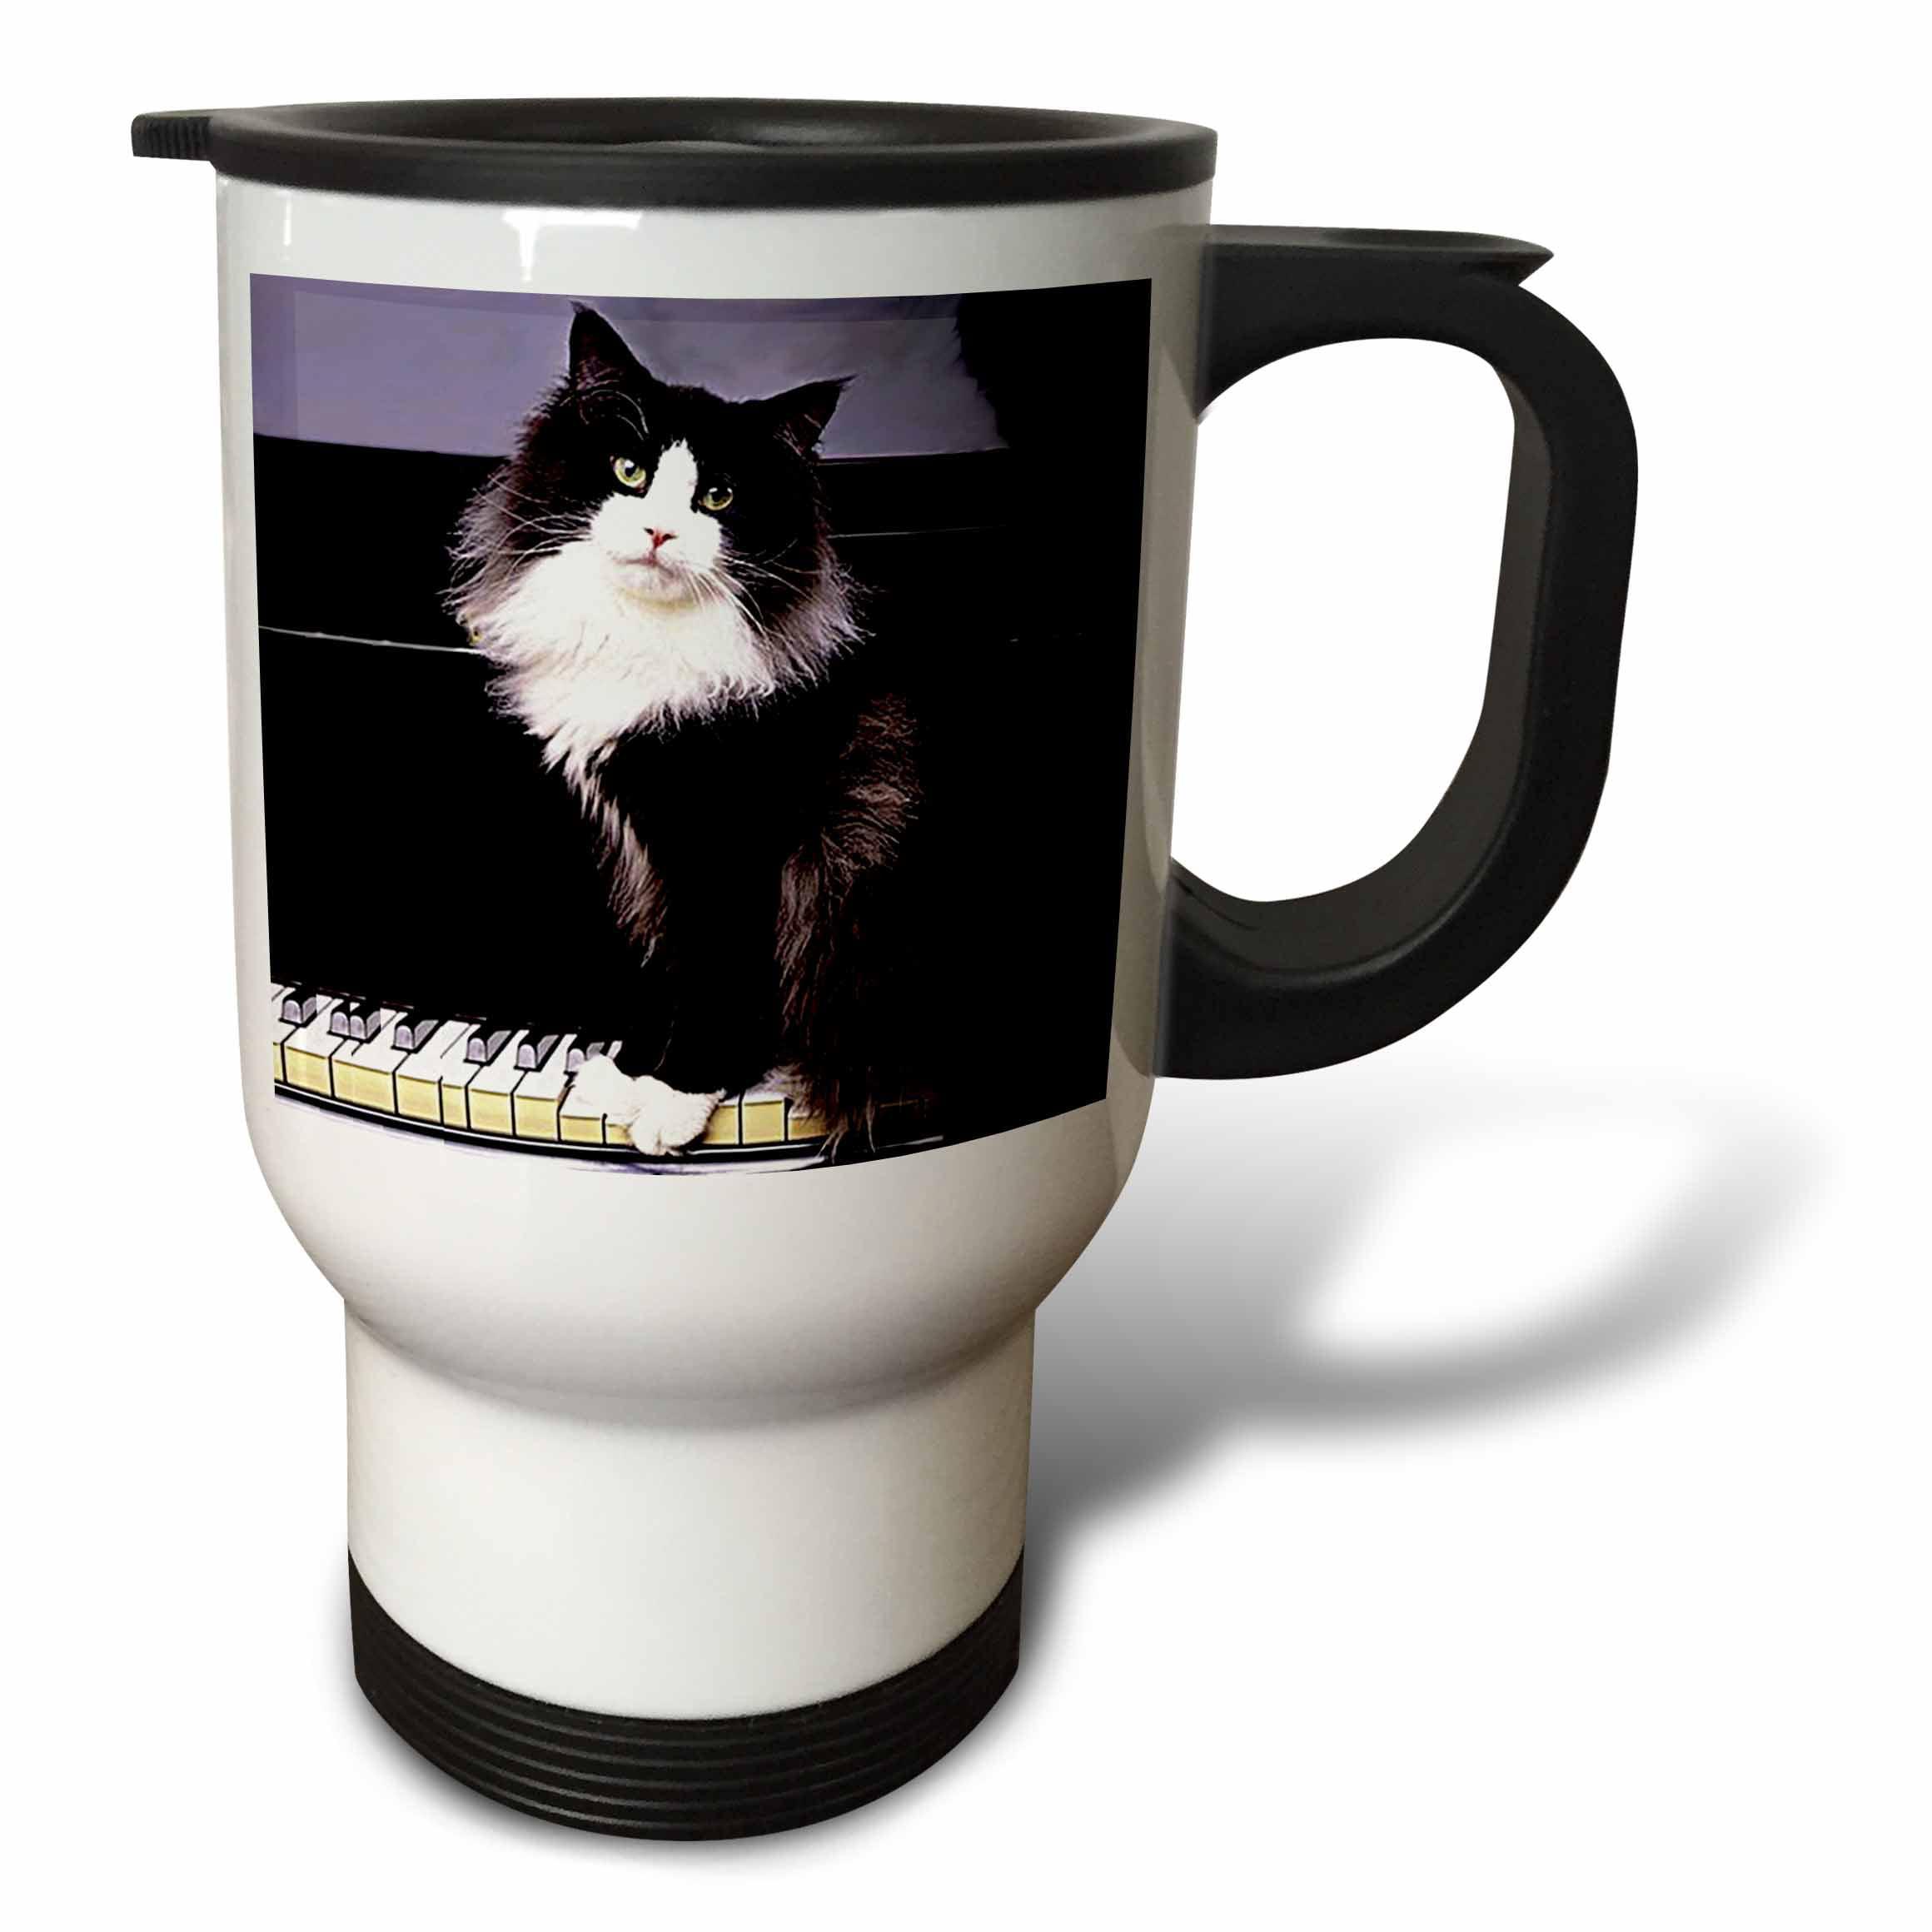 3dRose Tuxedo Cat, Travel Mug, 14oz, Stainless Steel